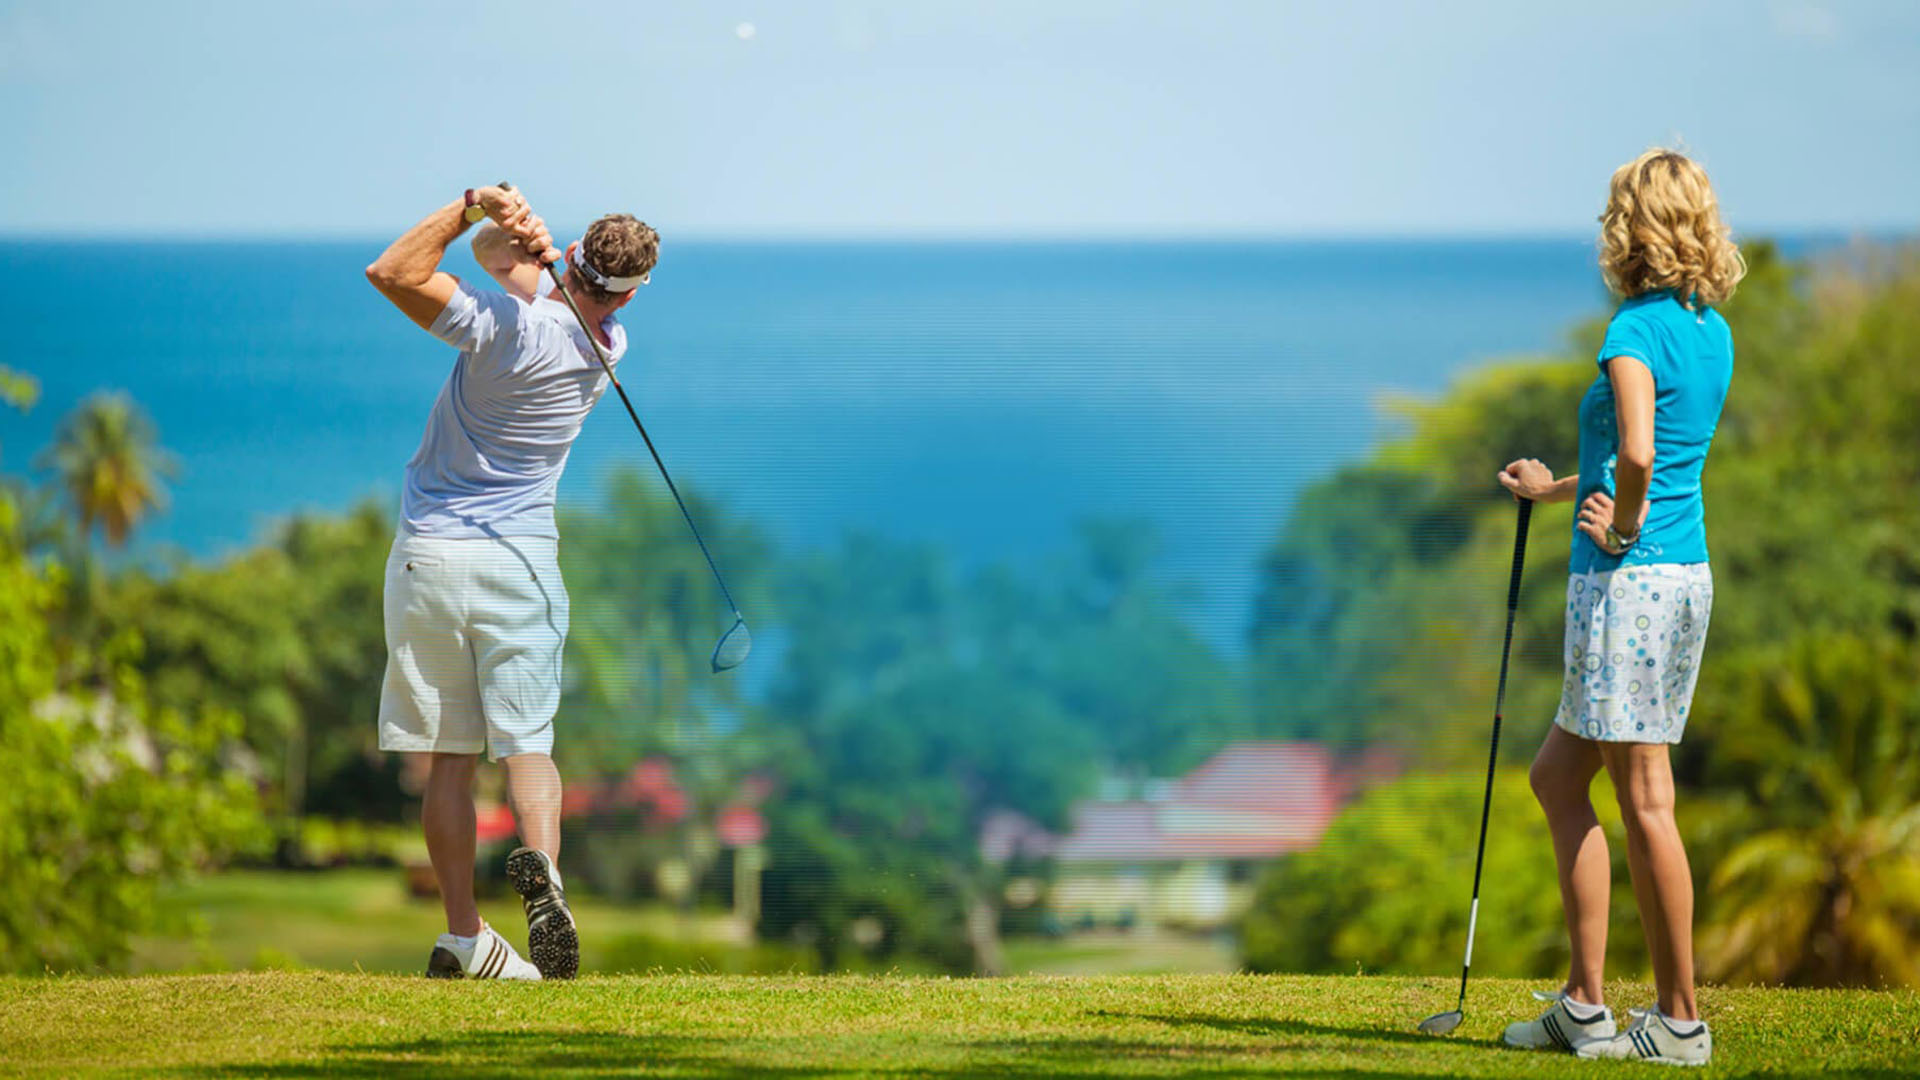 El Arte De Liderar A Través Del Juego Del Golf Infobae